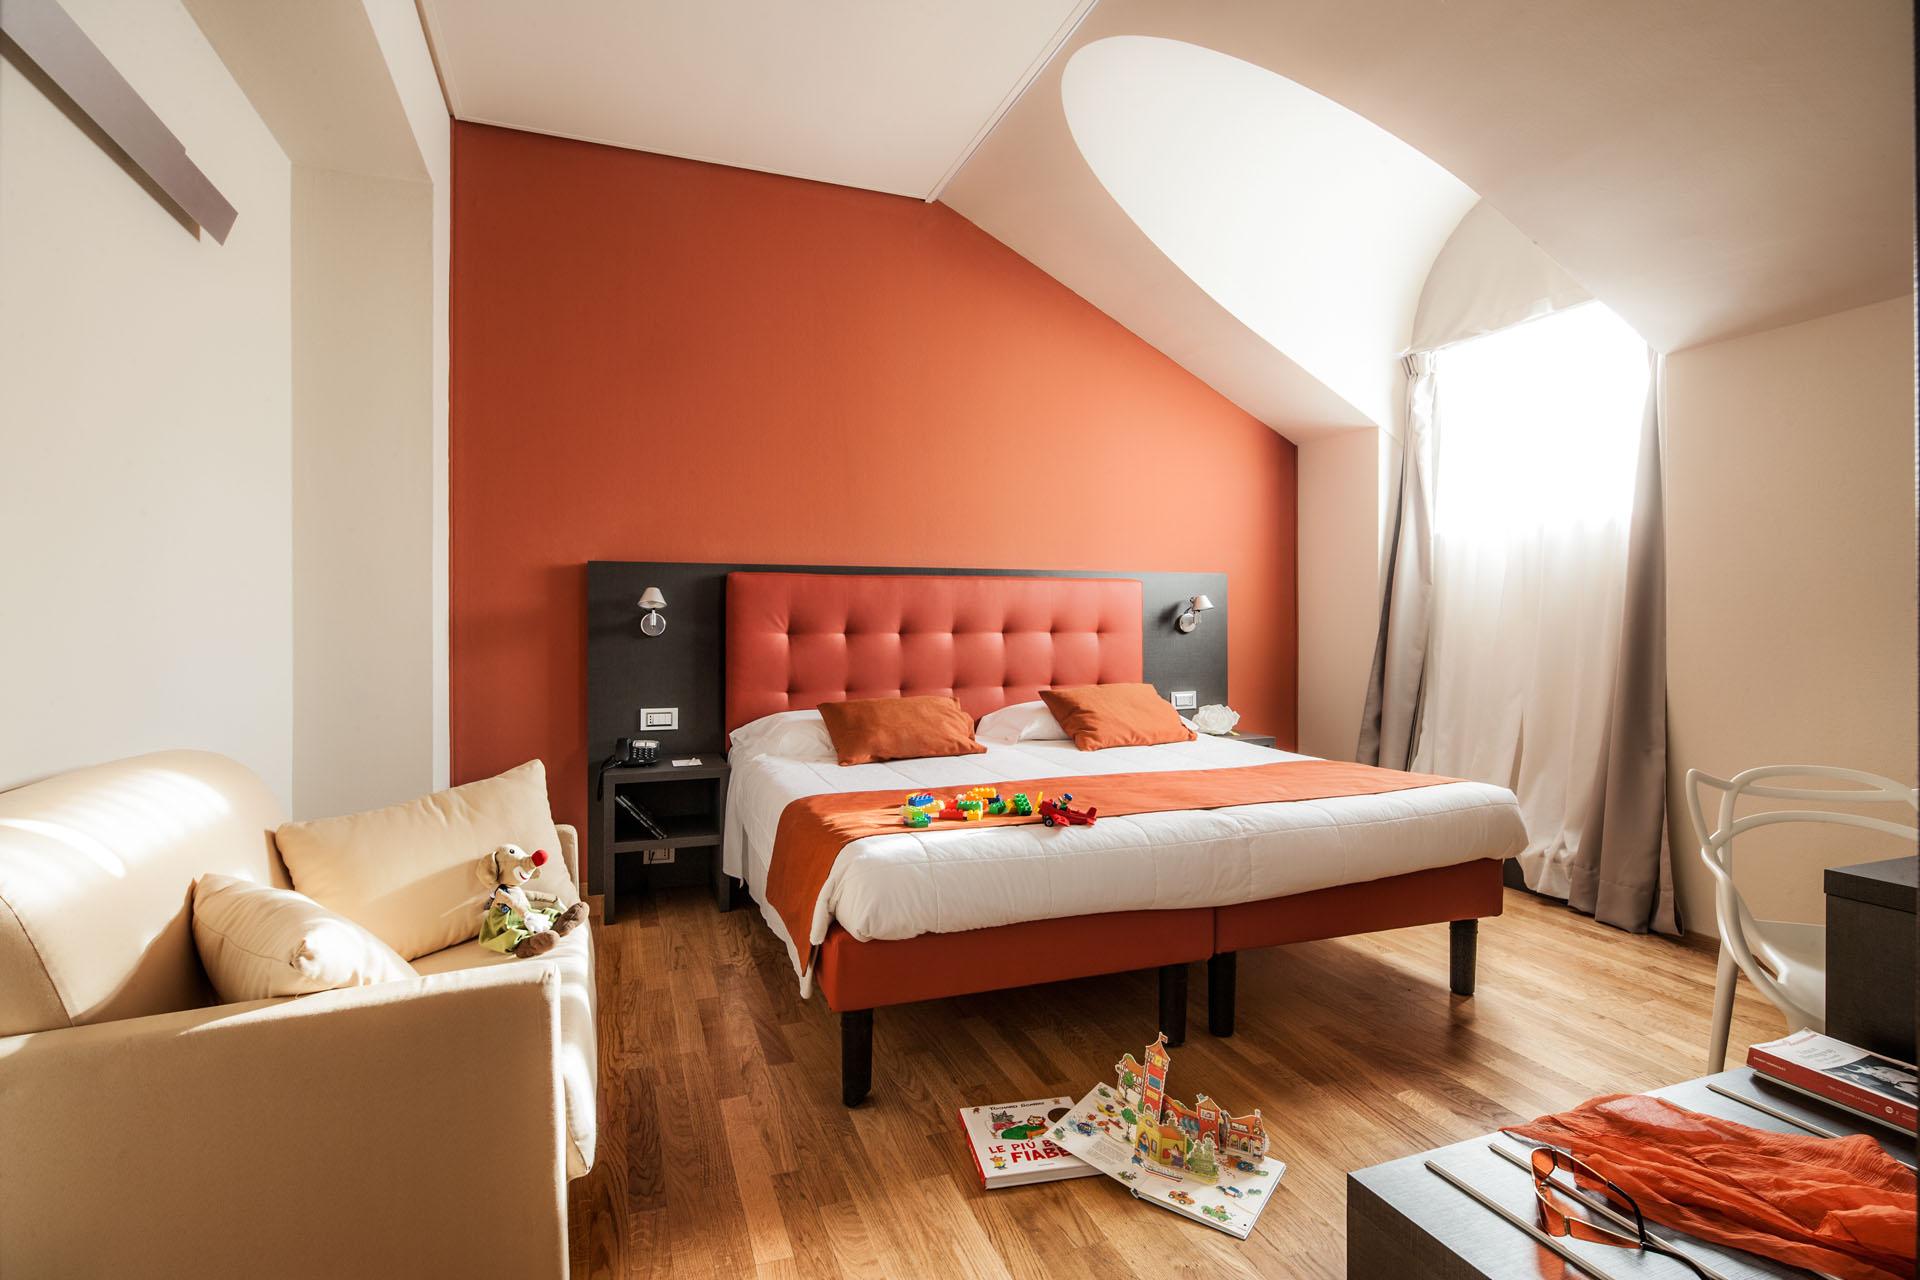 Camere panoramiche torino vista mole antonelliana for Hotel design torino